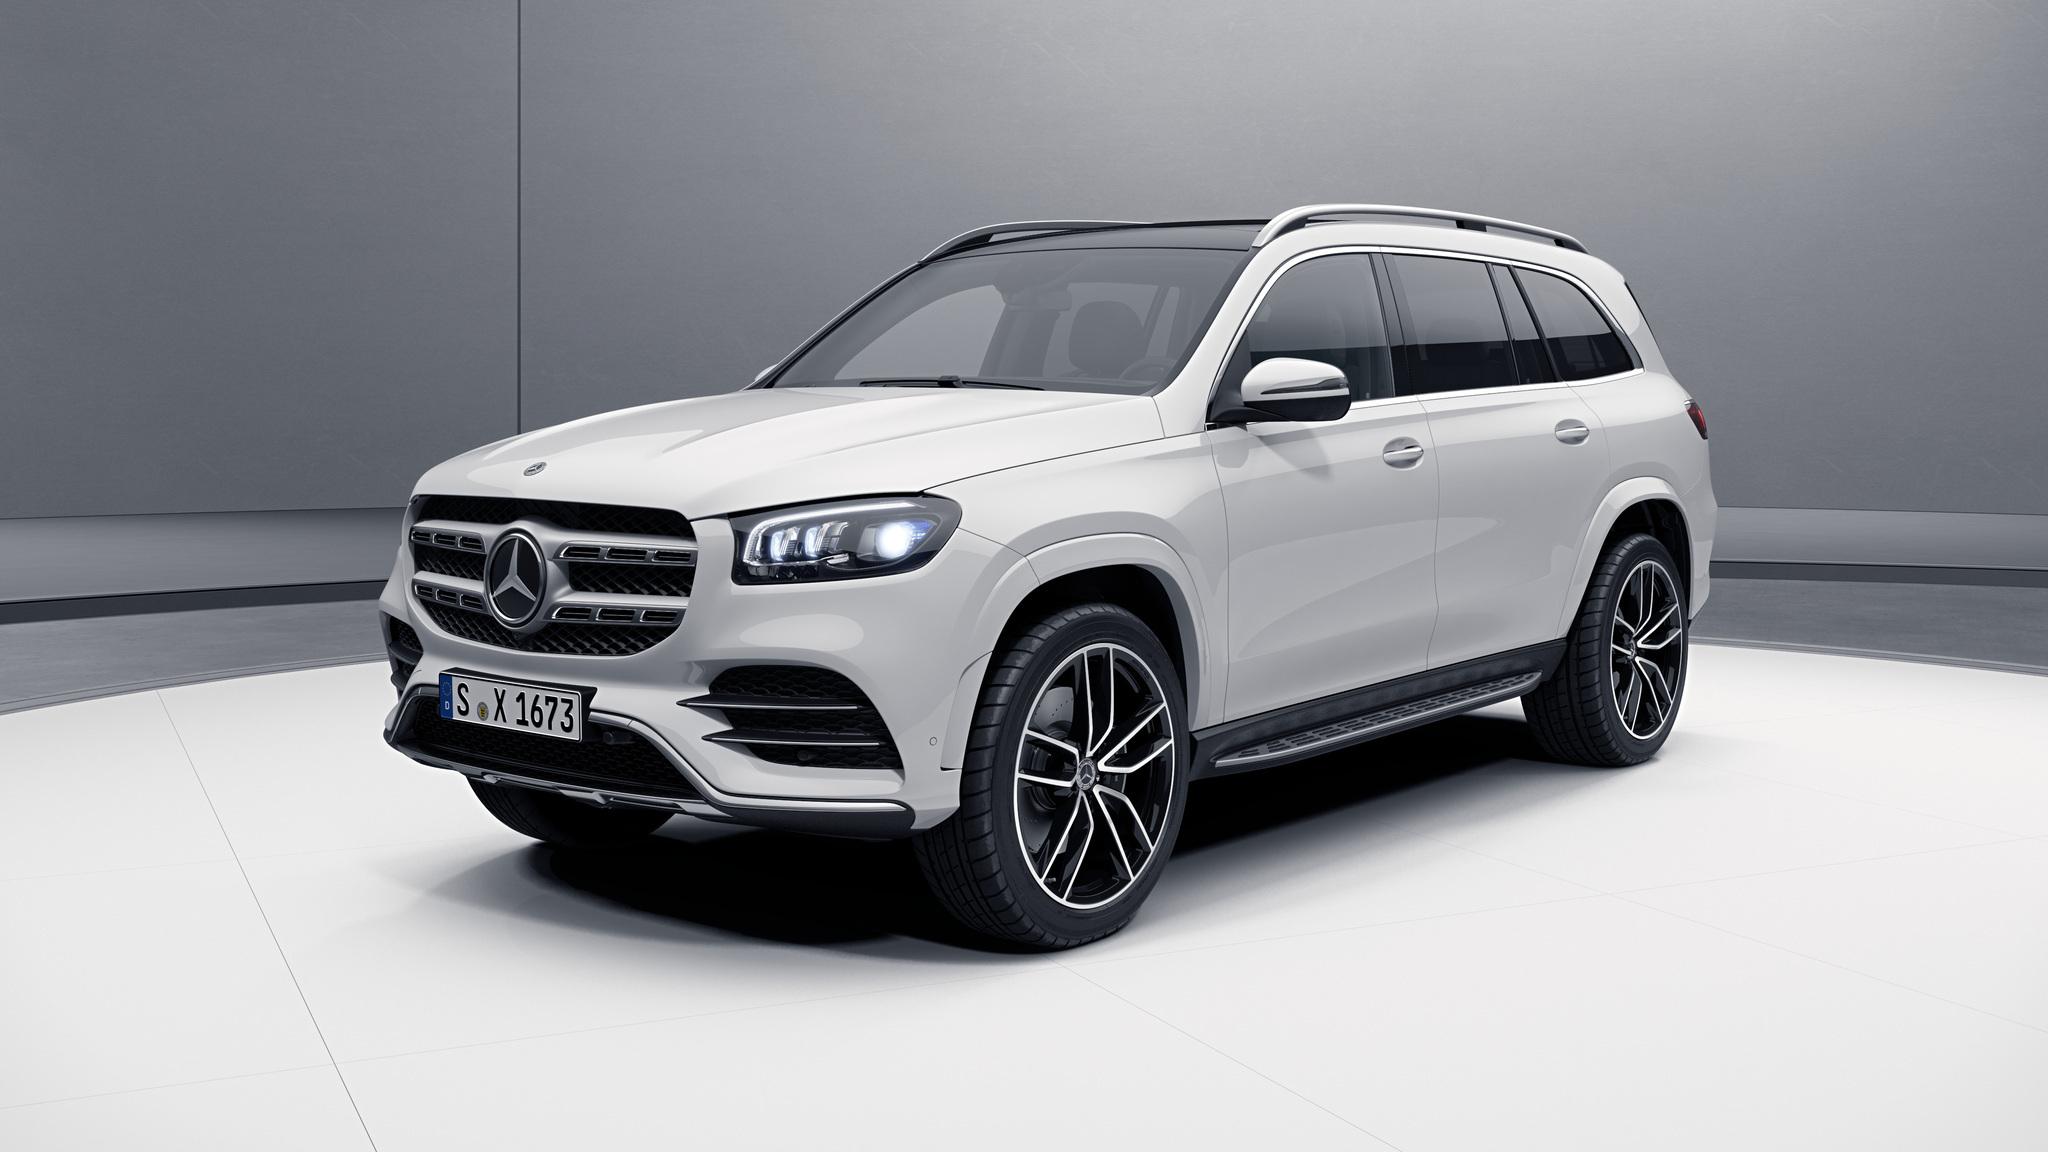 Vue de trois quarts de profil de la Mercedes GLS avec la peinture Standard blanc polaire